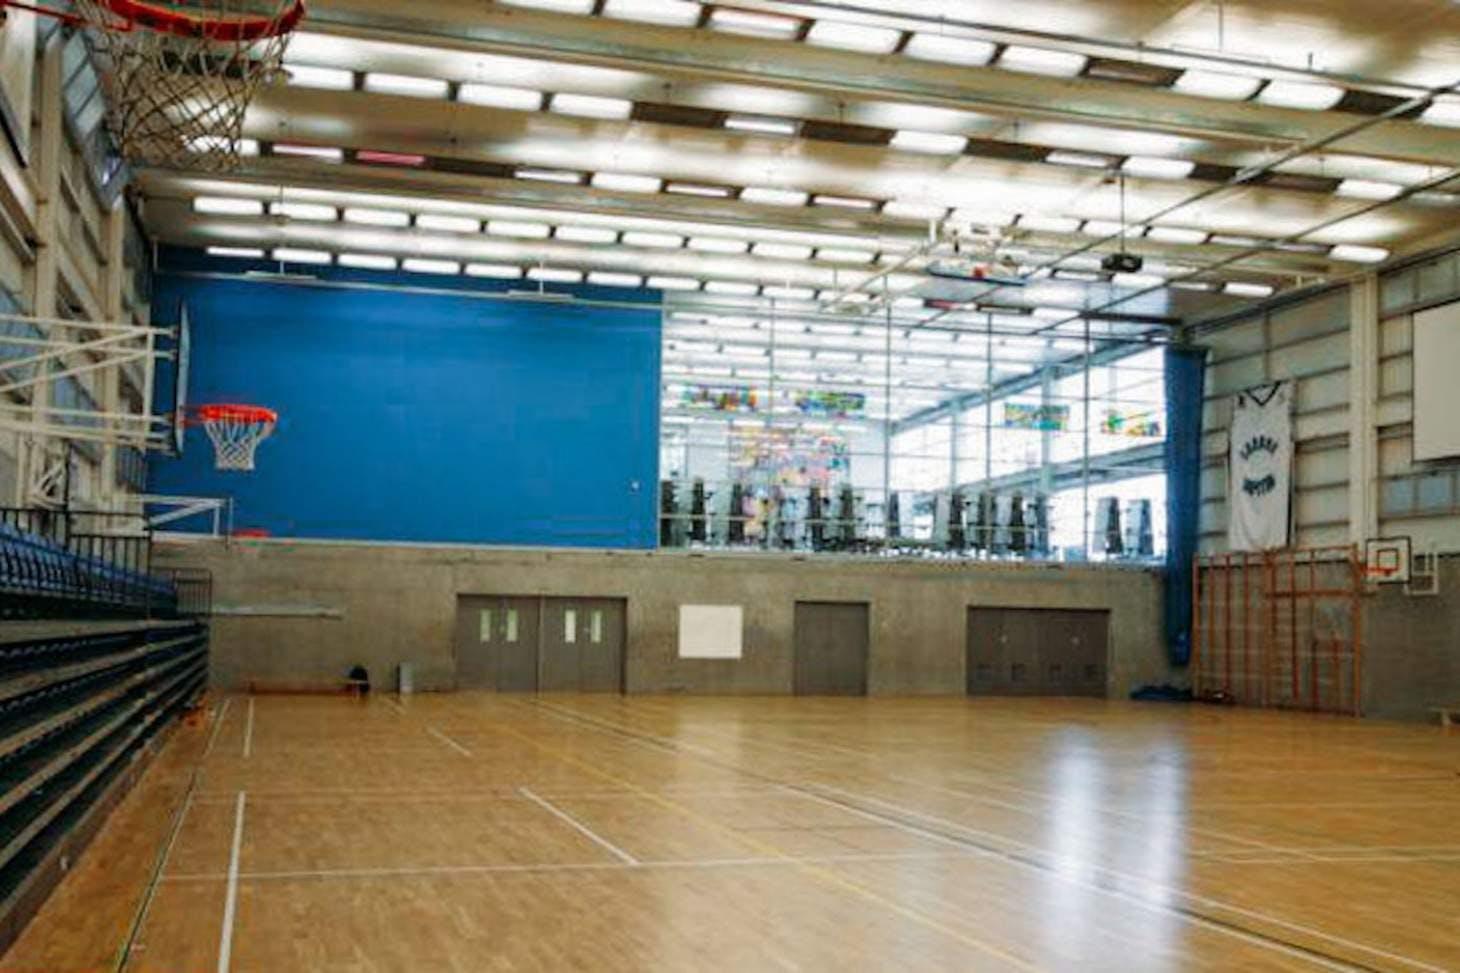 Capital City Academy Nets | Sports hall cricket facilities